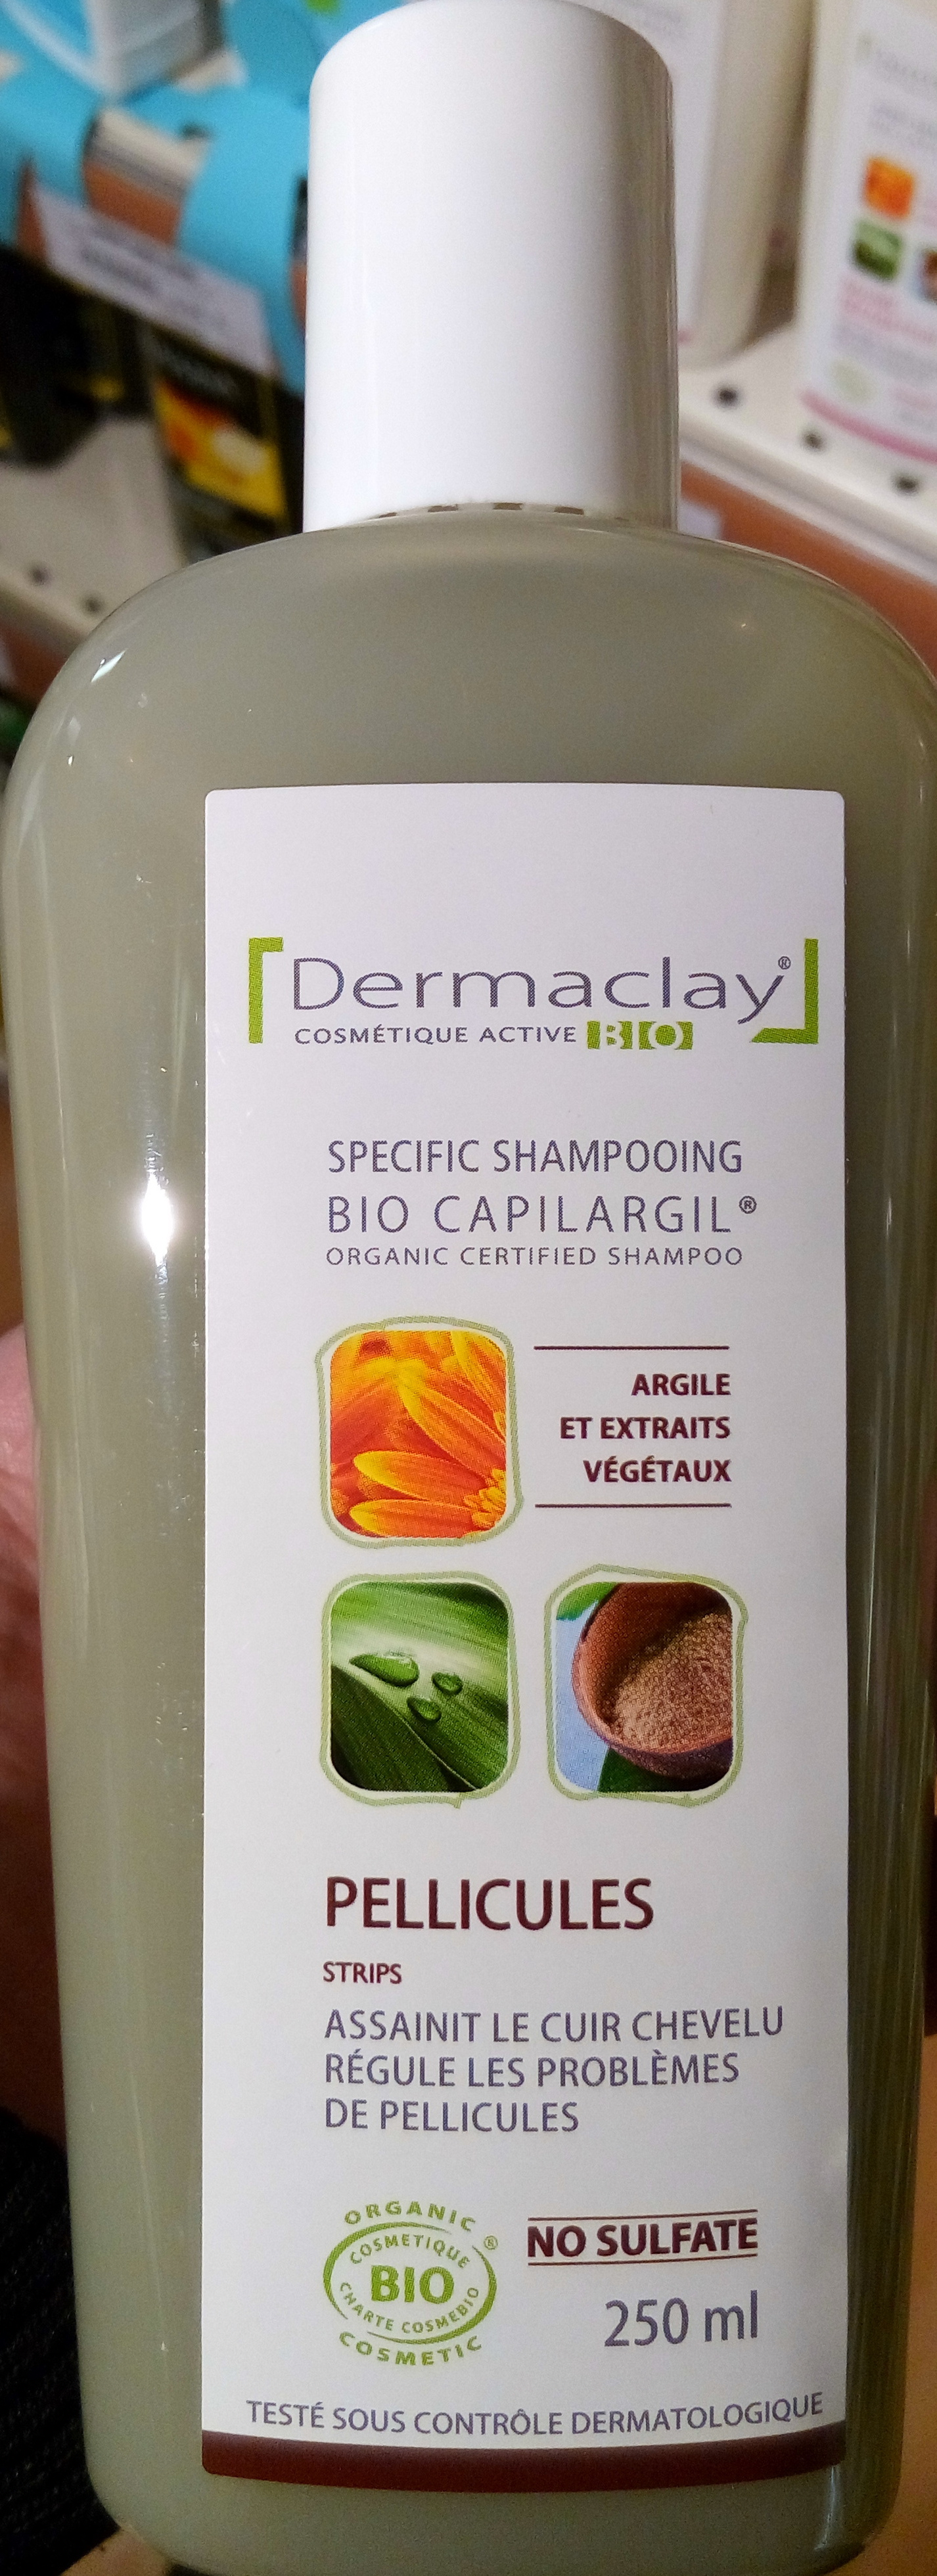 Bio Capilargil Specific Shampooing Argile et Extraits végétaux Pellicules - Product